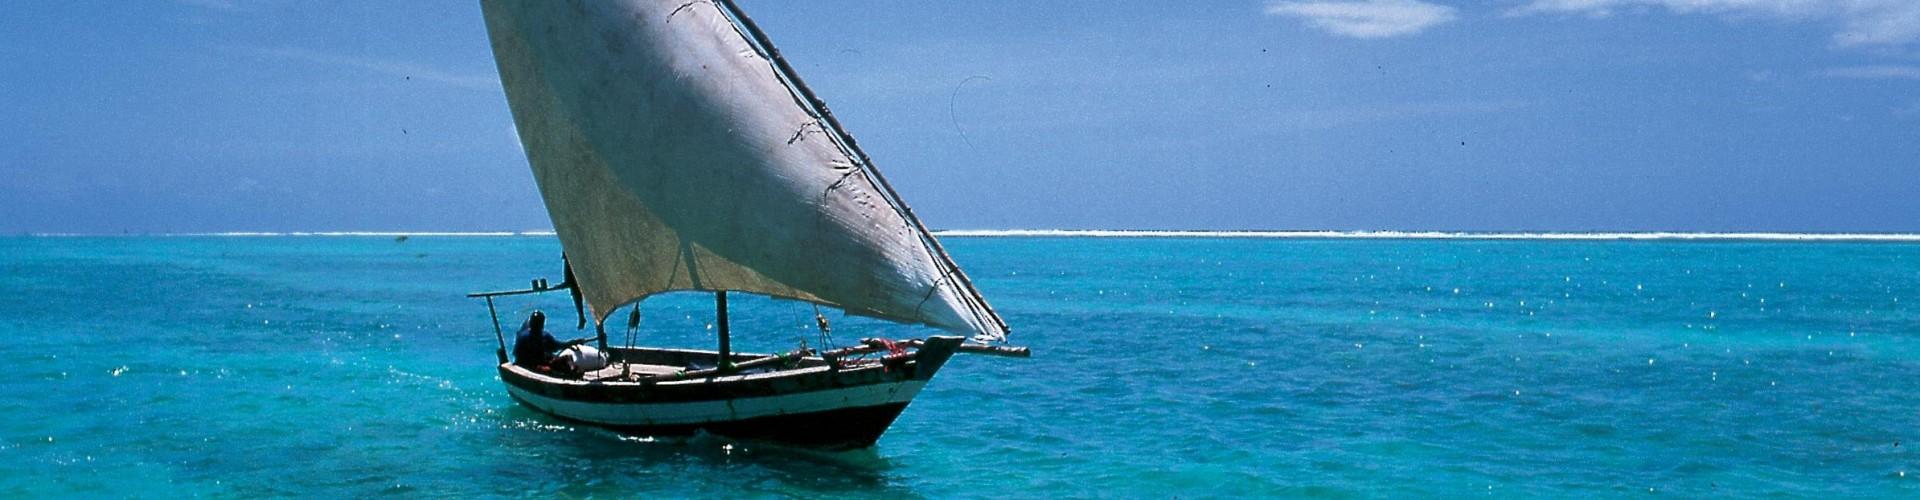 Dhow at sea 2488x1919